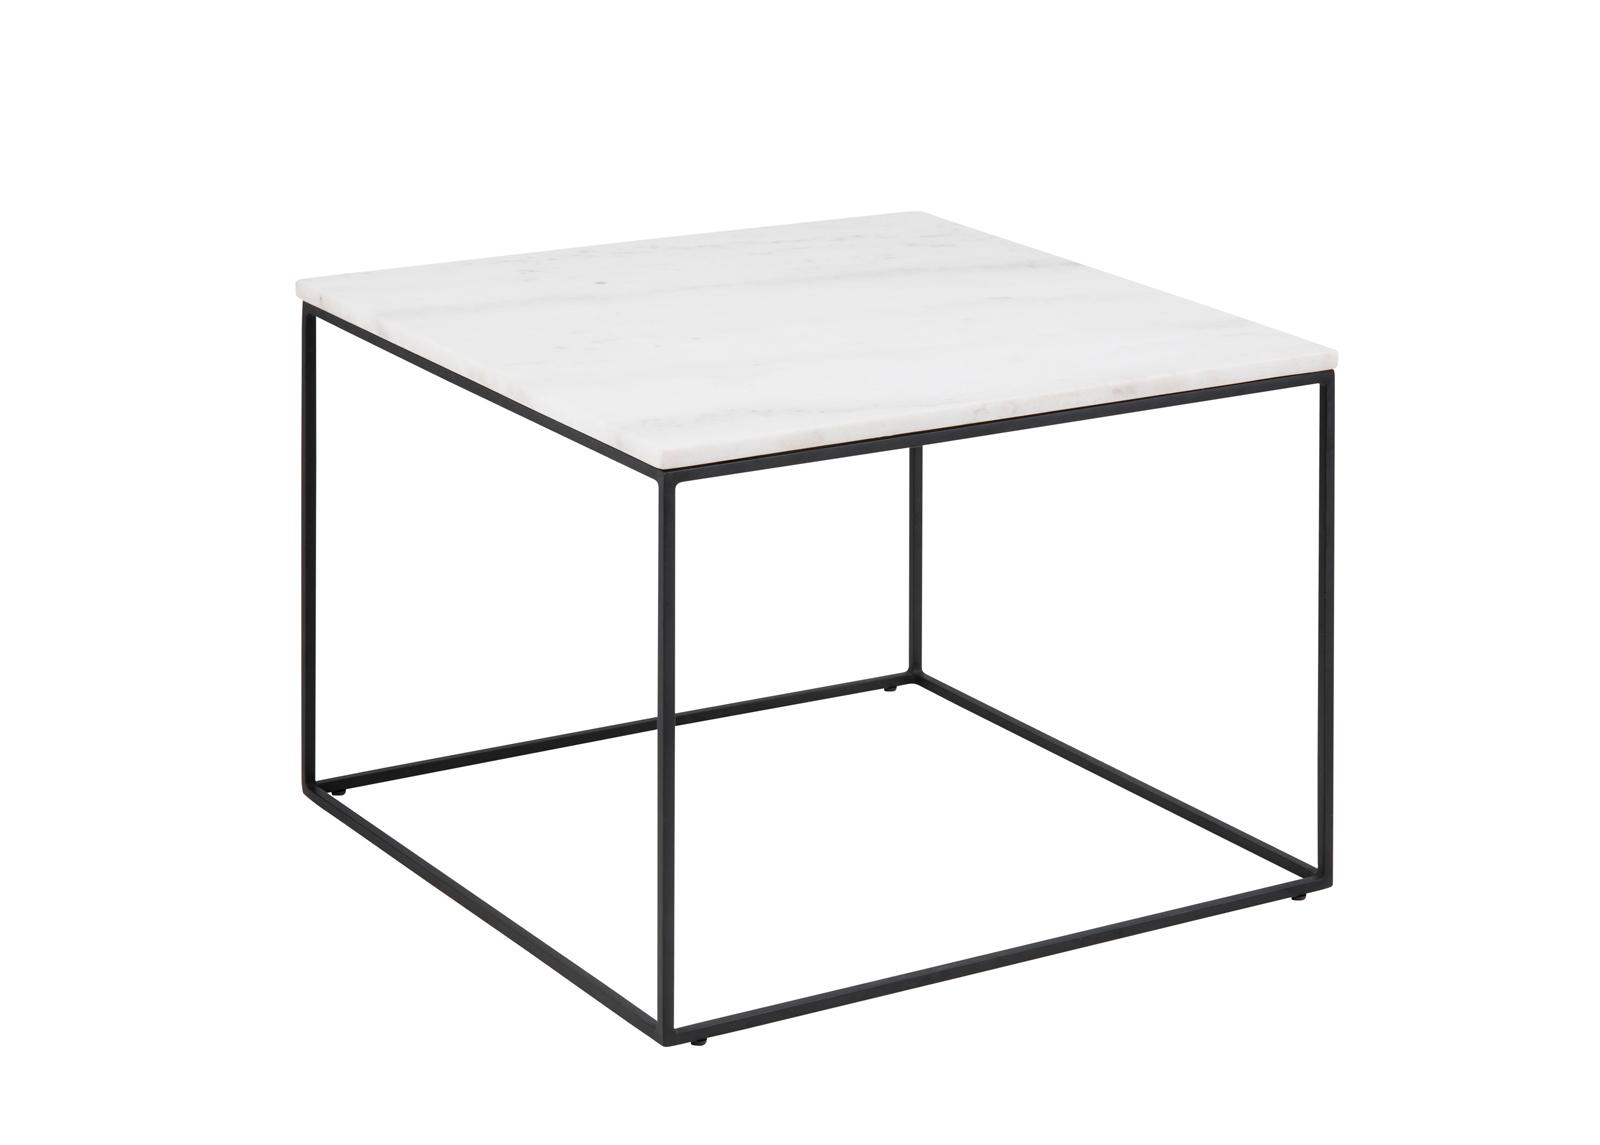 Sohvapöytä marmorilevyllä Bolton 60x60 cm